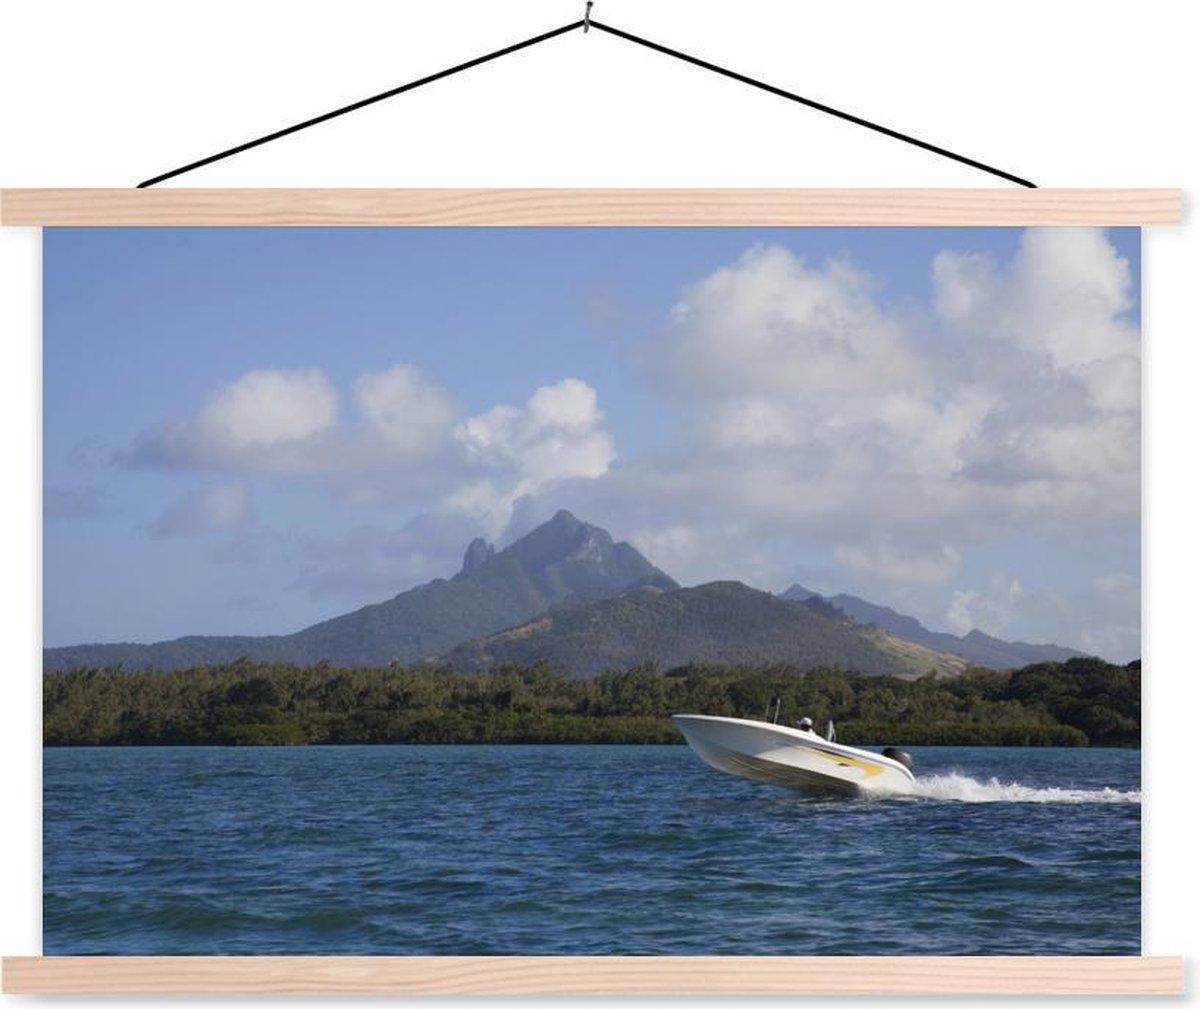 Steigerende speedboot op het water schoolplaat platte latten blank 150x100 cm - Foto print op textielposter (wanddecoratie woonkamer/slaapkamer)